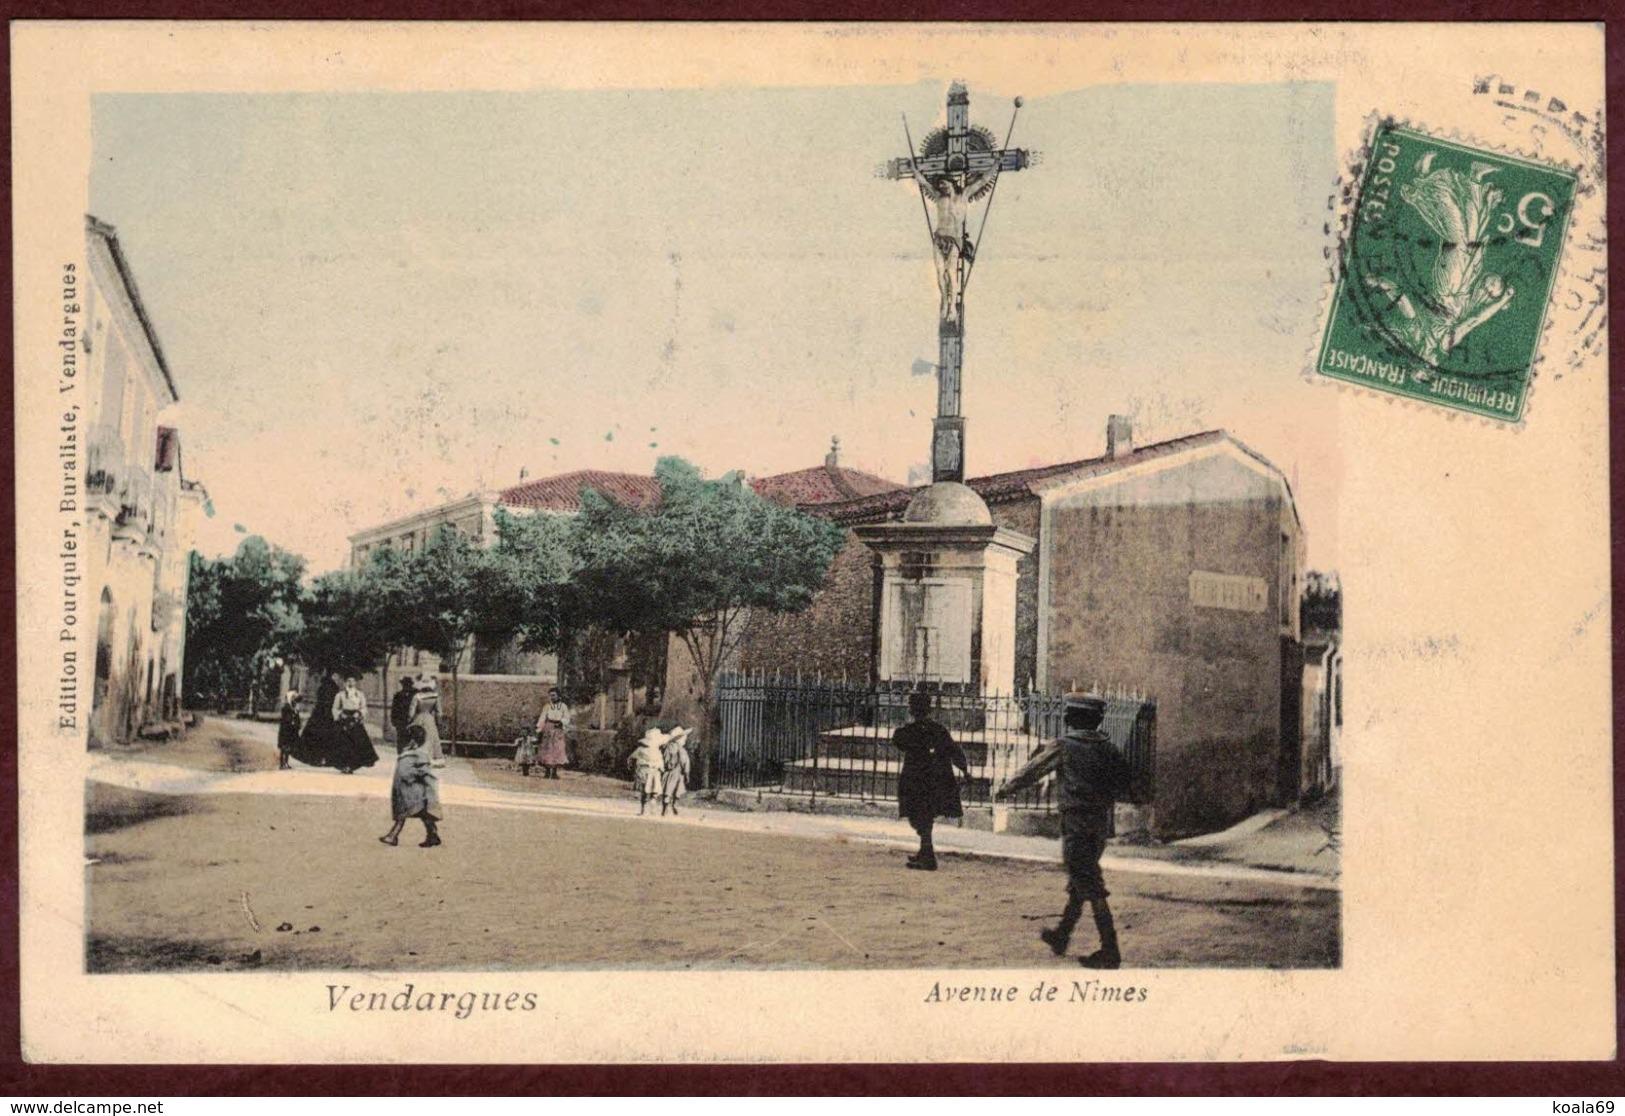 Vendargues Avenue De Nimes Animée Monument Croix - Hérault 34740 - Vendargues Canton Le Crès - Other Municipalities